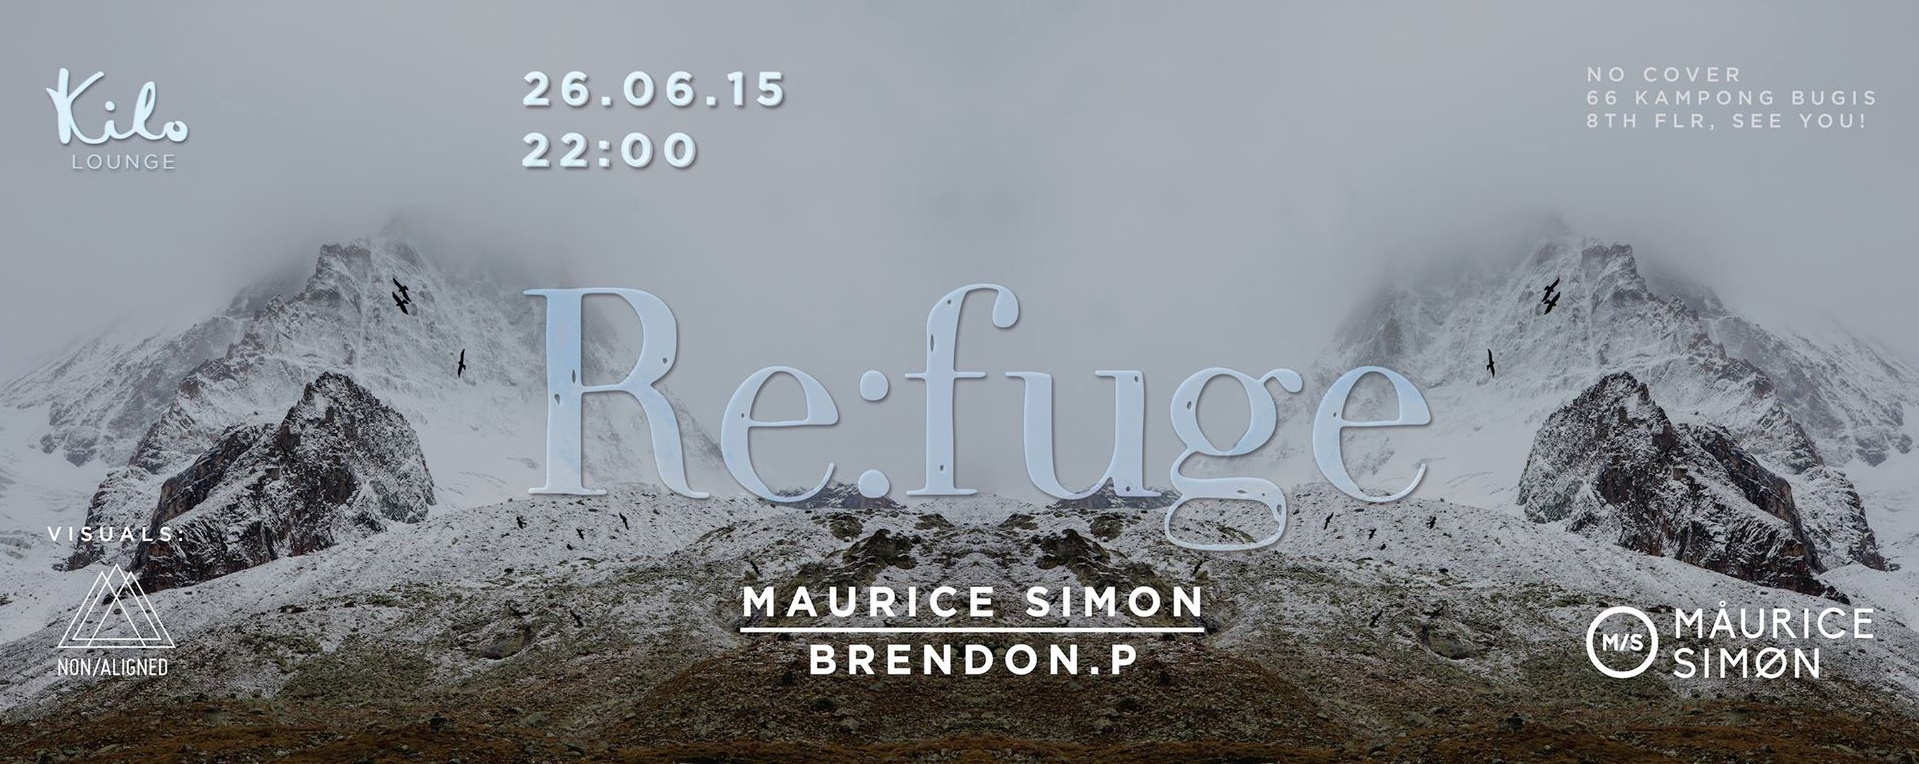 Maurice Simon, Brendon P, Non/Aligned